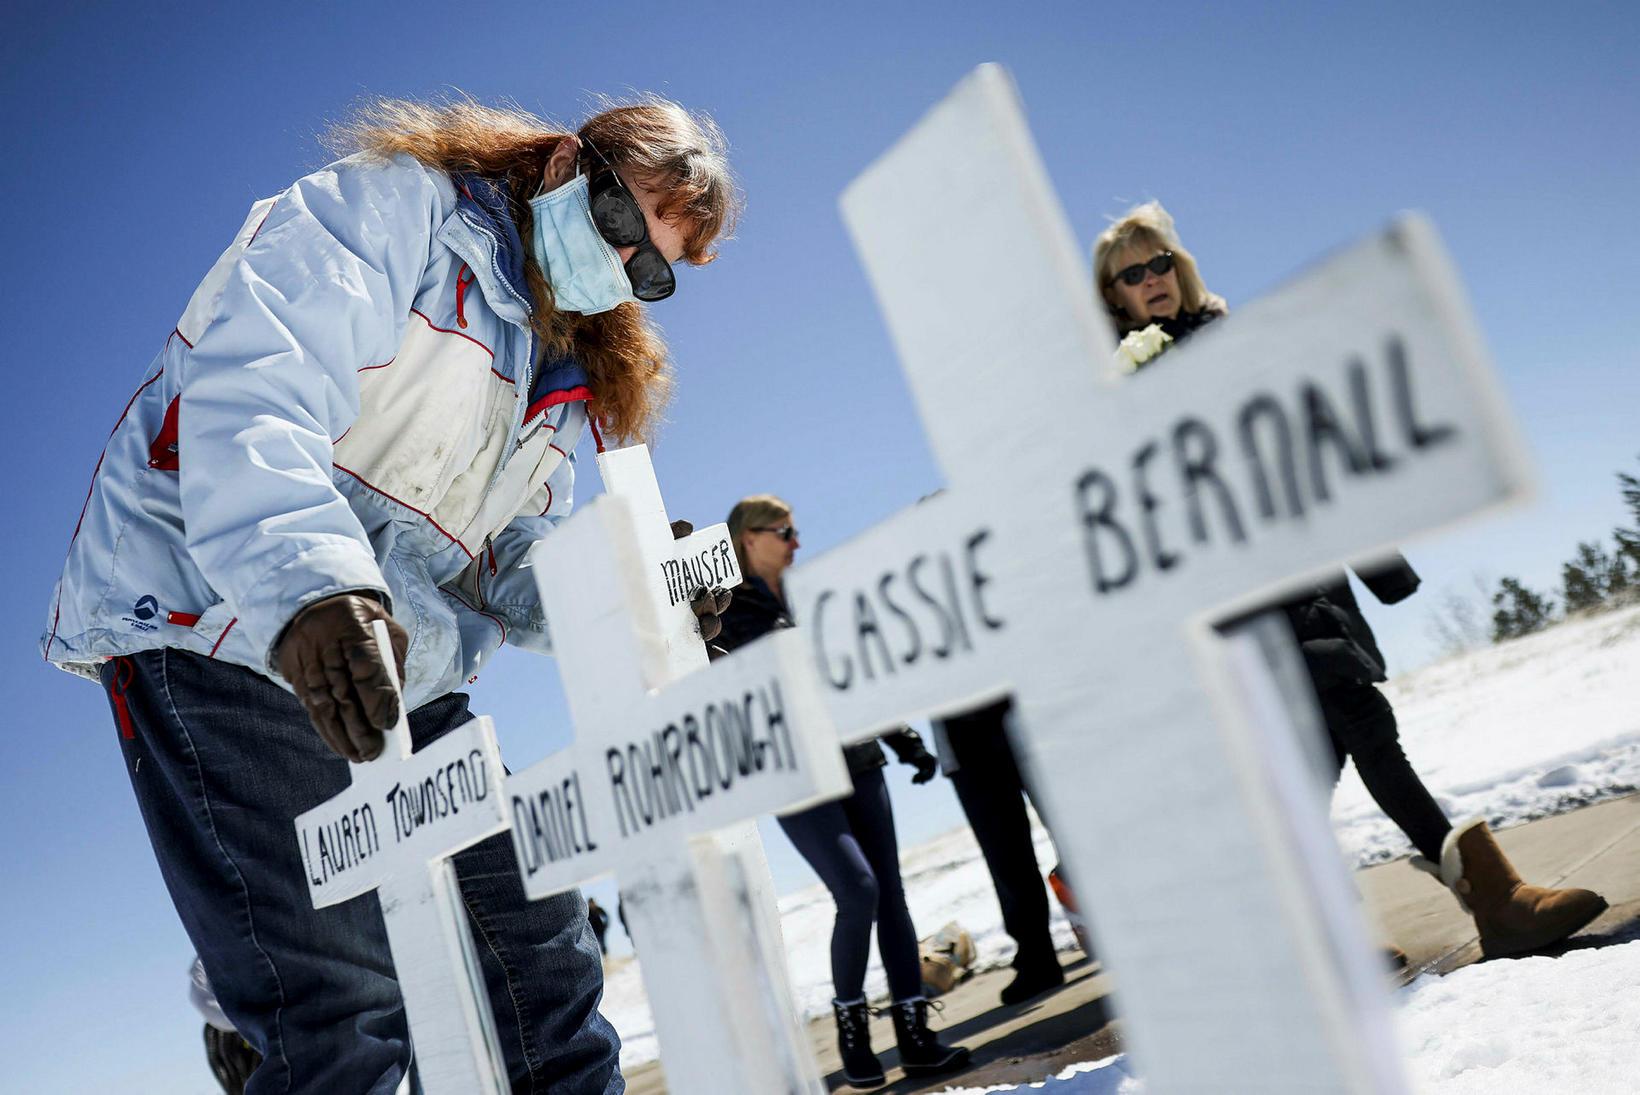 13 létust í fjöldamorðinu við Columbine menntaskólann fyrir 22 árum.